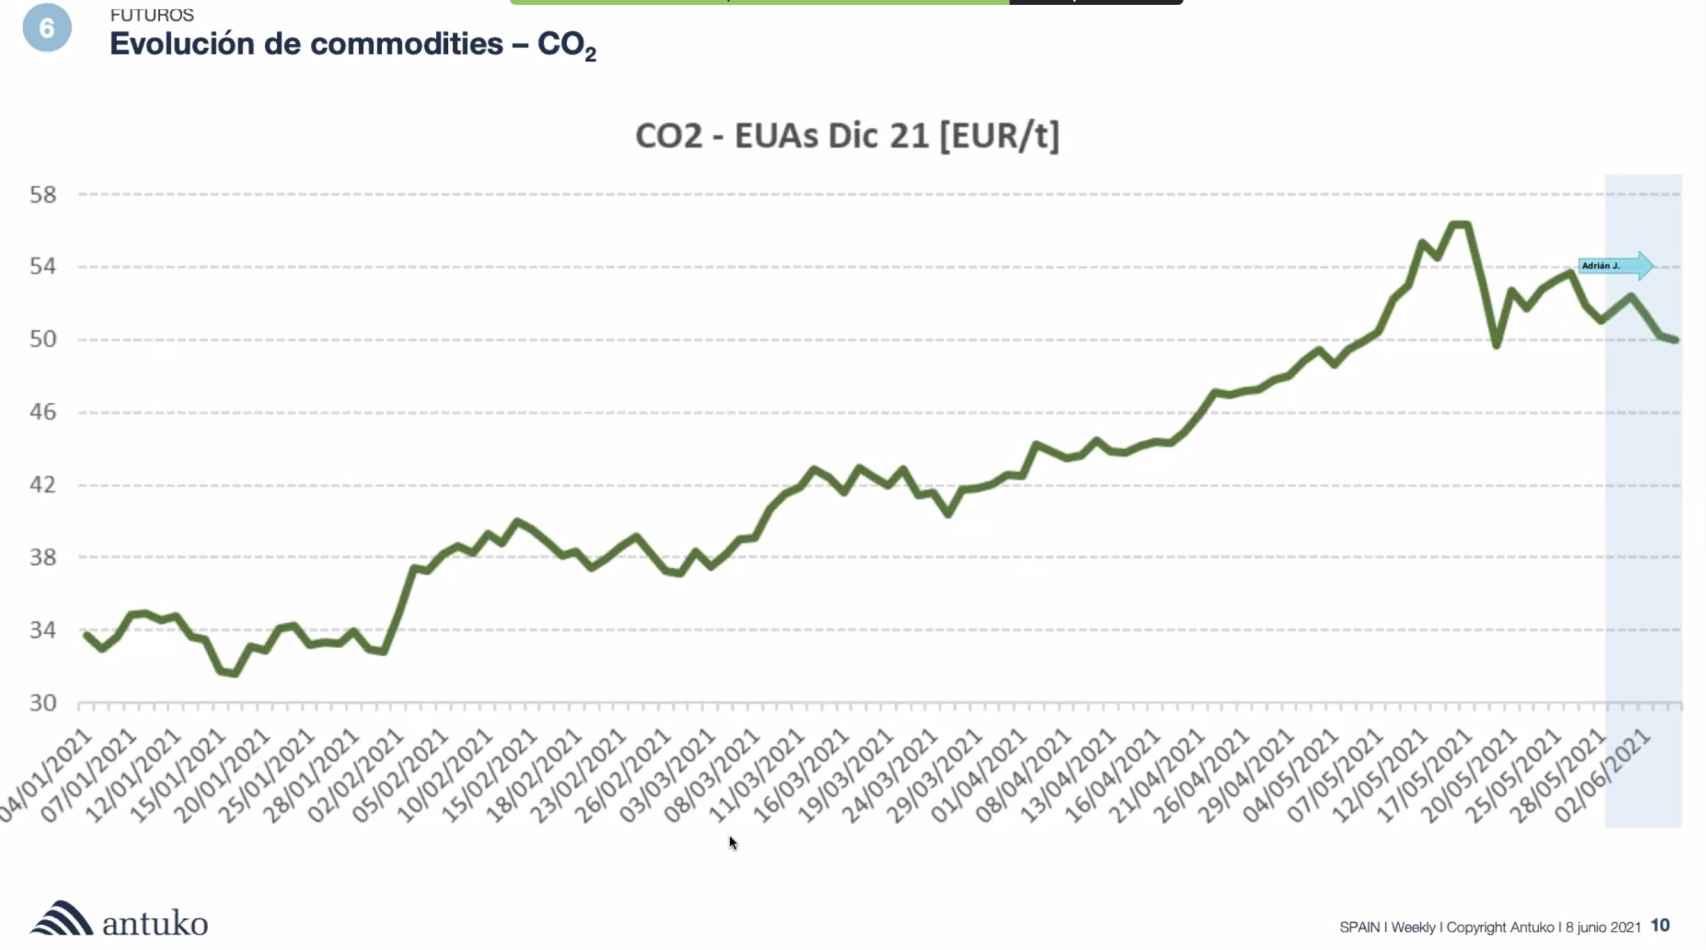 Evolución del precio del CO2. Fuente Antuko